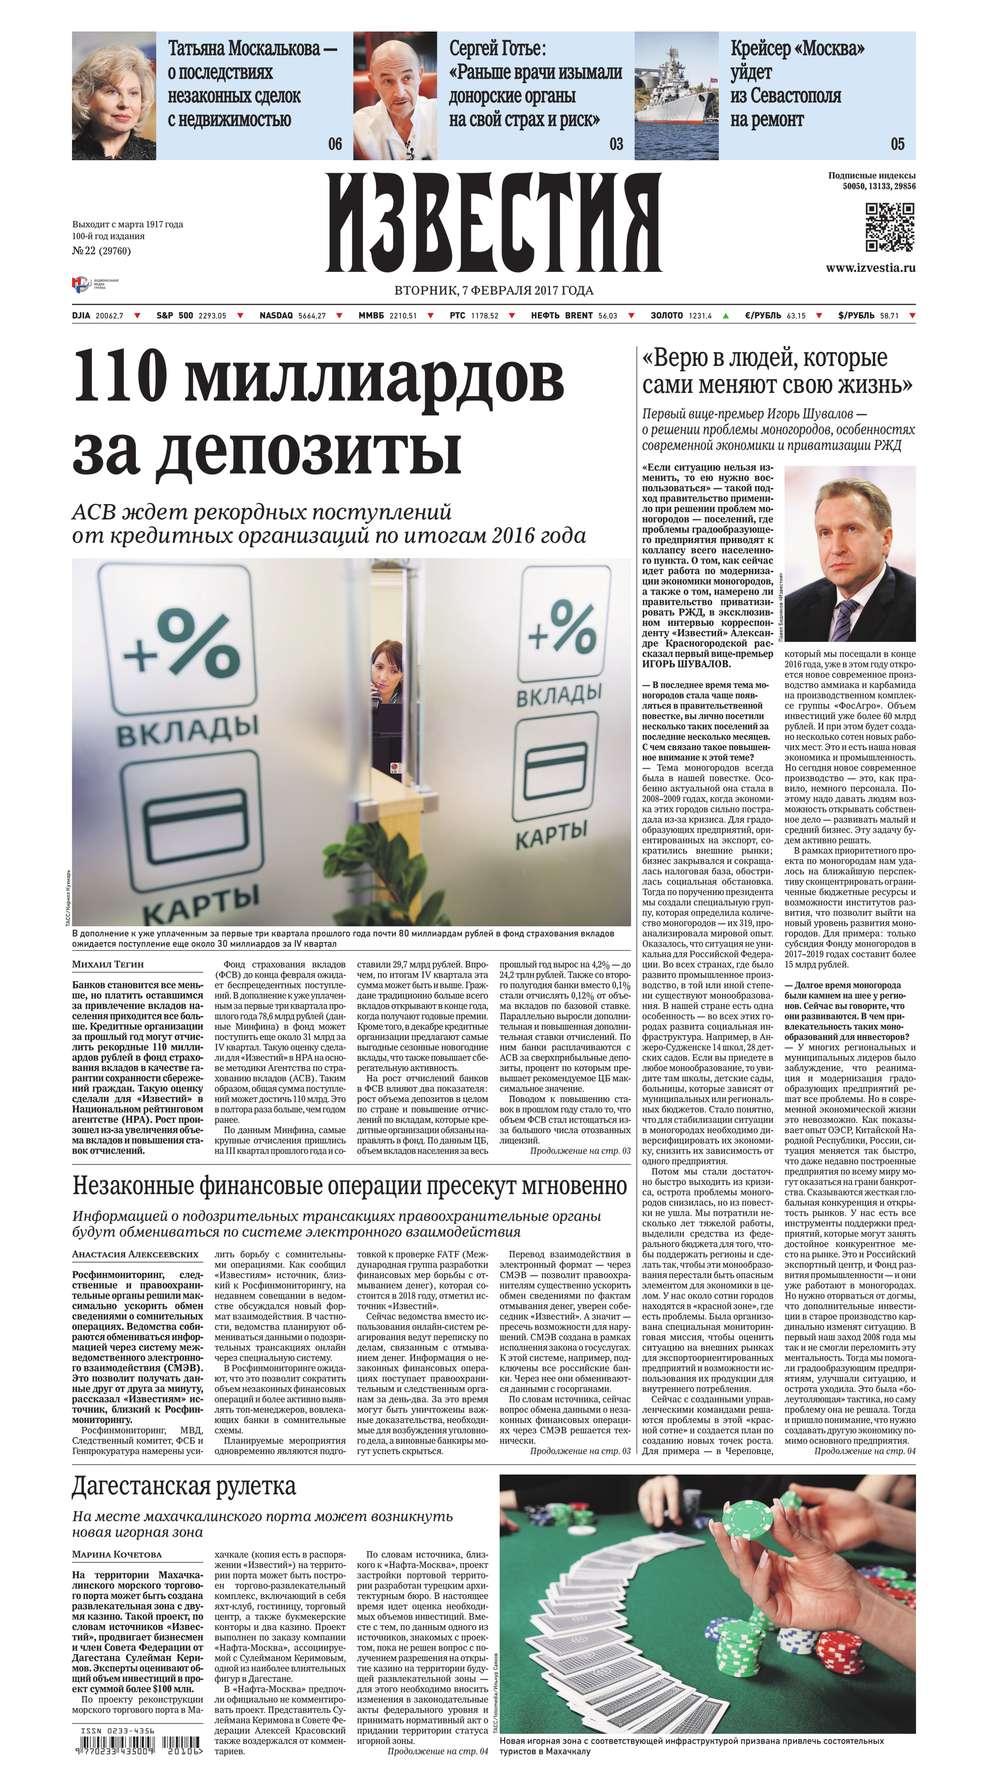 Редакция газеты Известия Известия 22-2017 цена